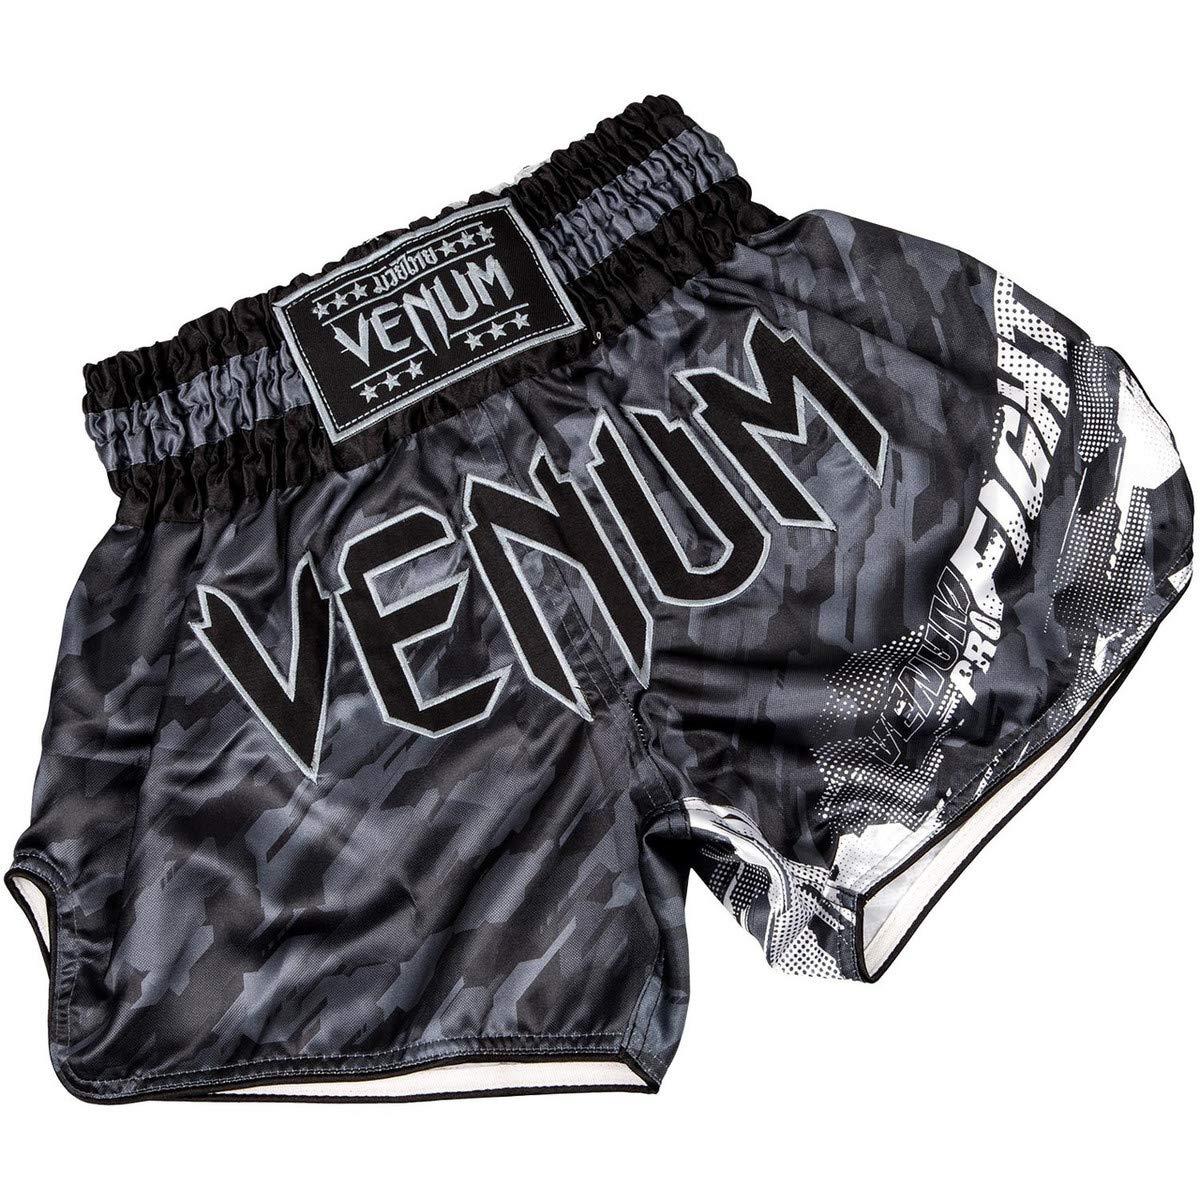 Venum Herren Tecmo Thaibox Shorts